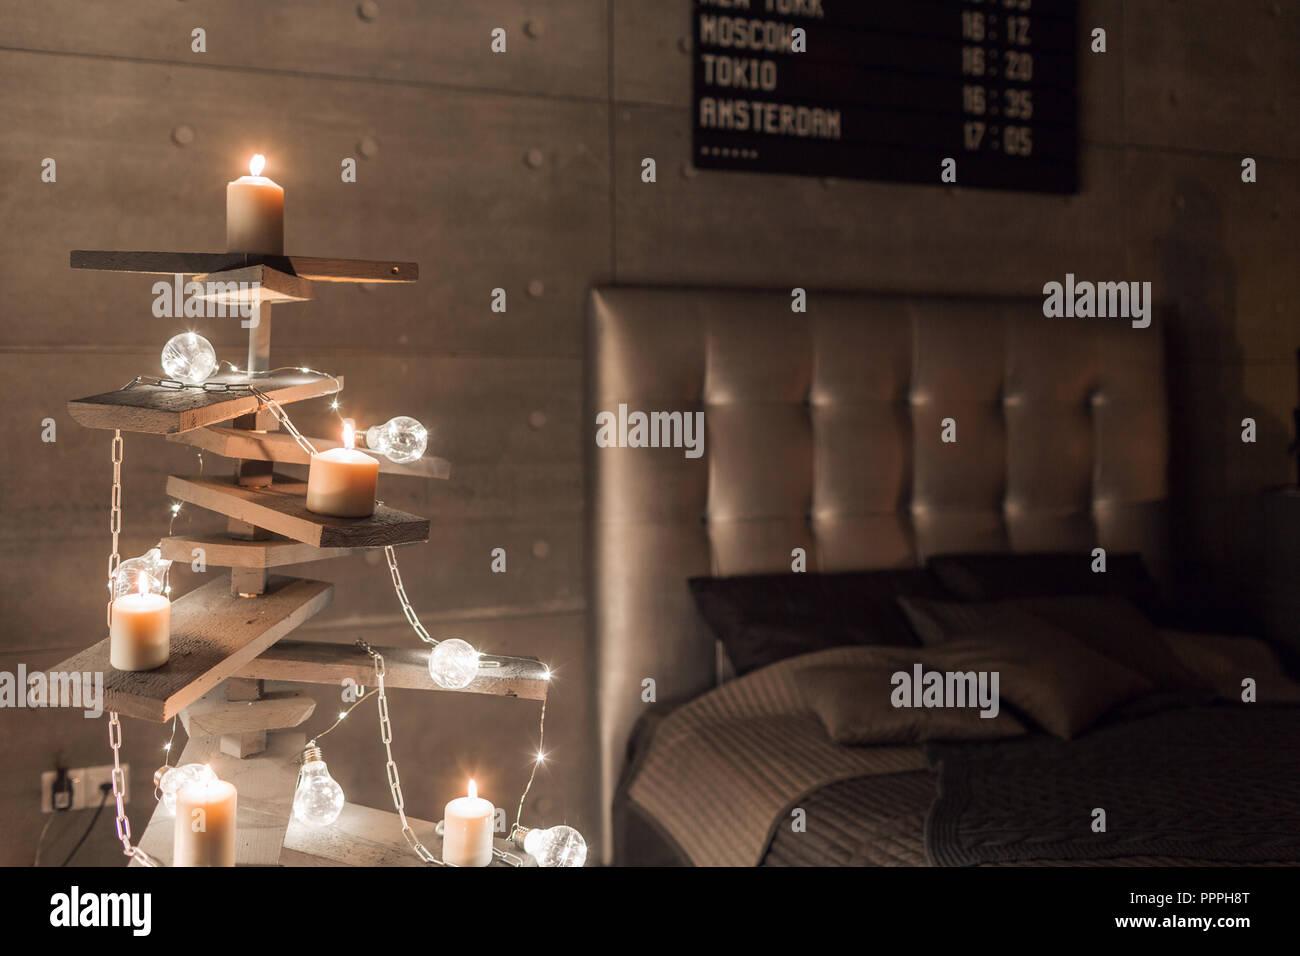 Arbre de Noël en bois de remplacement. Un arbre de Noël fait main et ampoule électrique sur le plancher dans la chambre Photo Stock